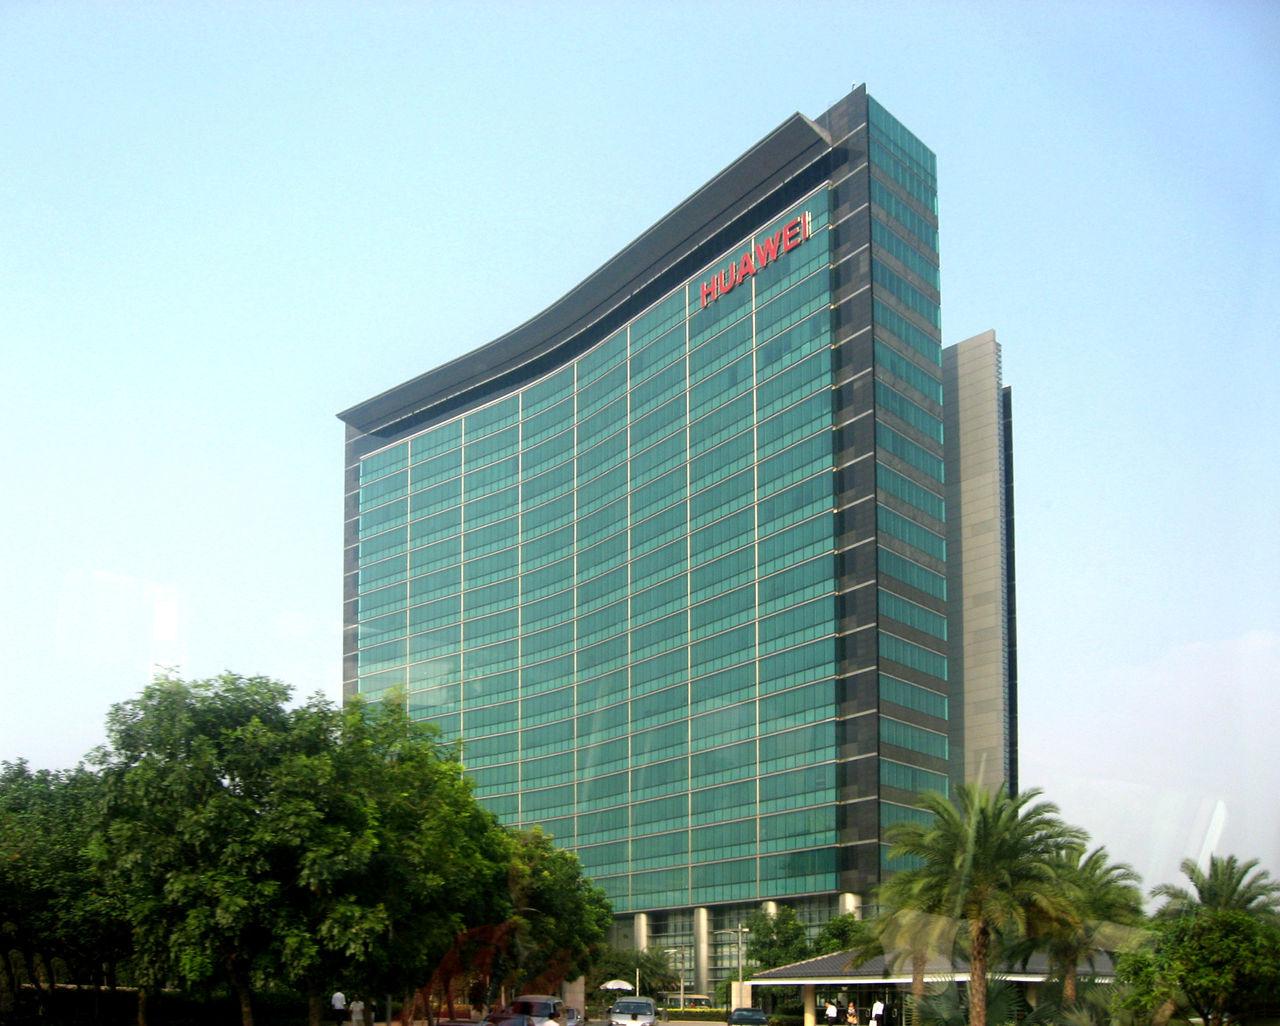 USA väcker åtal mot Huawei för bedrägeri och teknikstöld